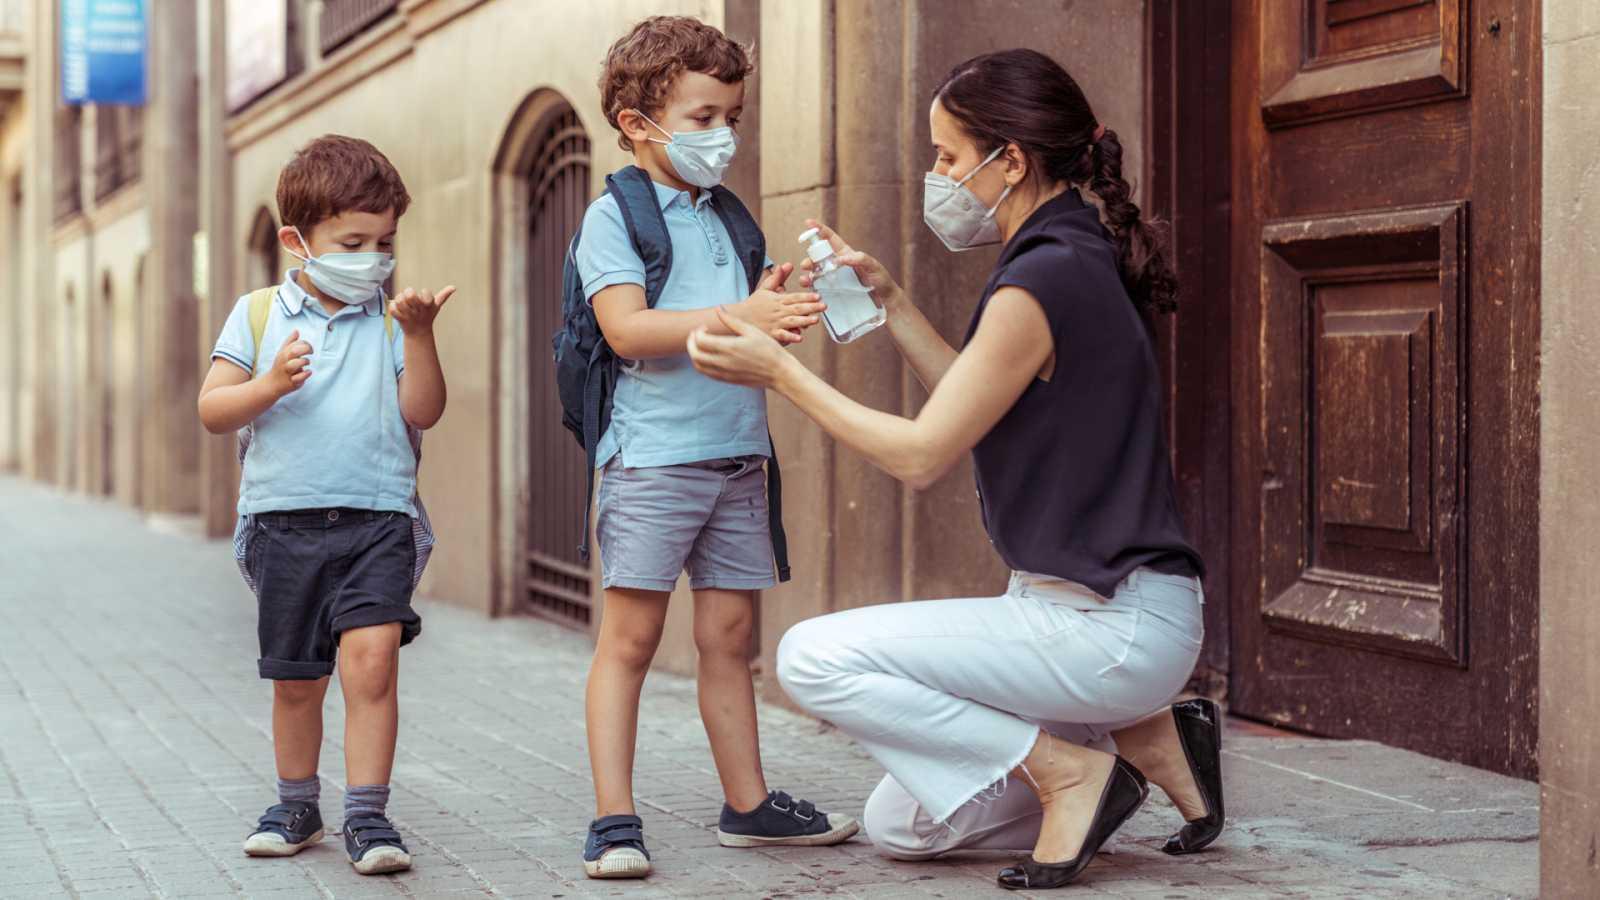 Mamás y papas - Niñofobia: un daño colateral del coronavirus - 01/08/20 - Escuchar ahora